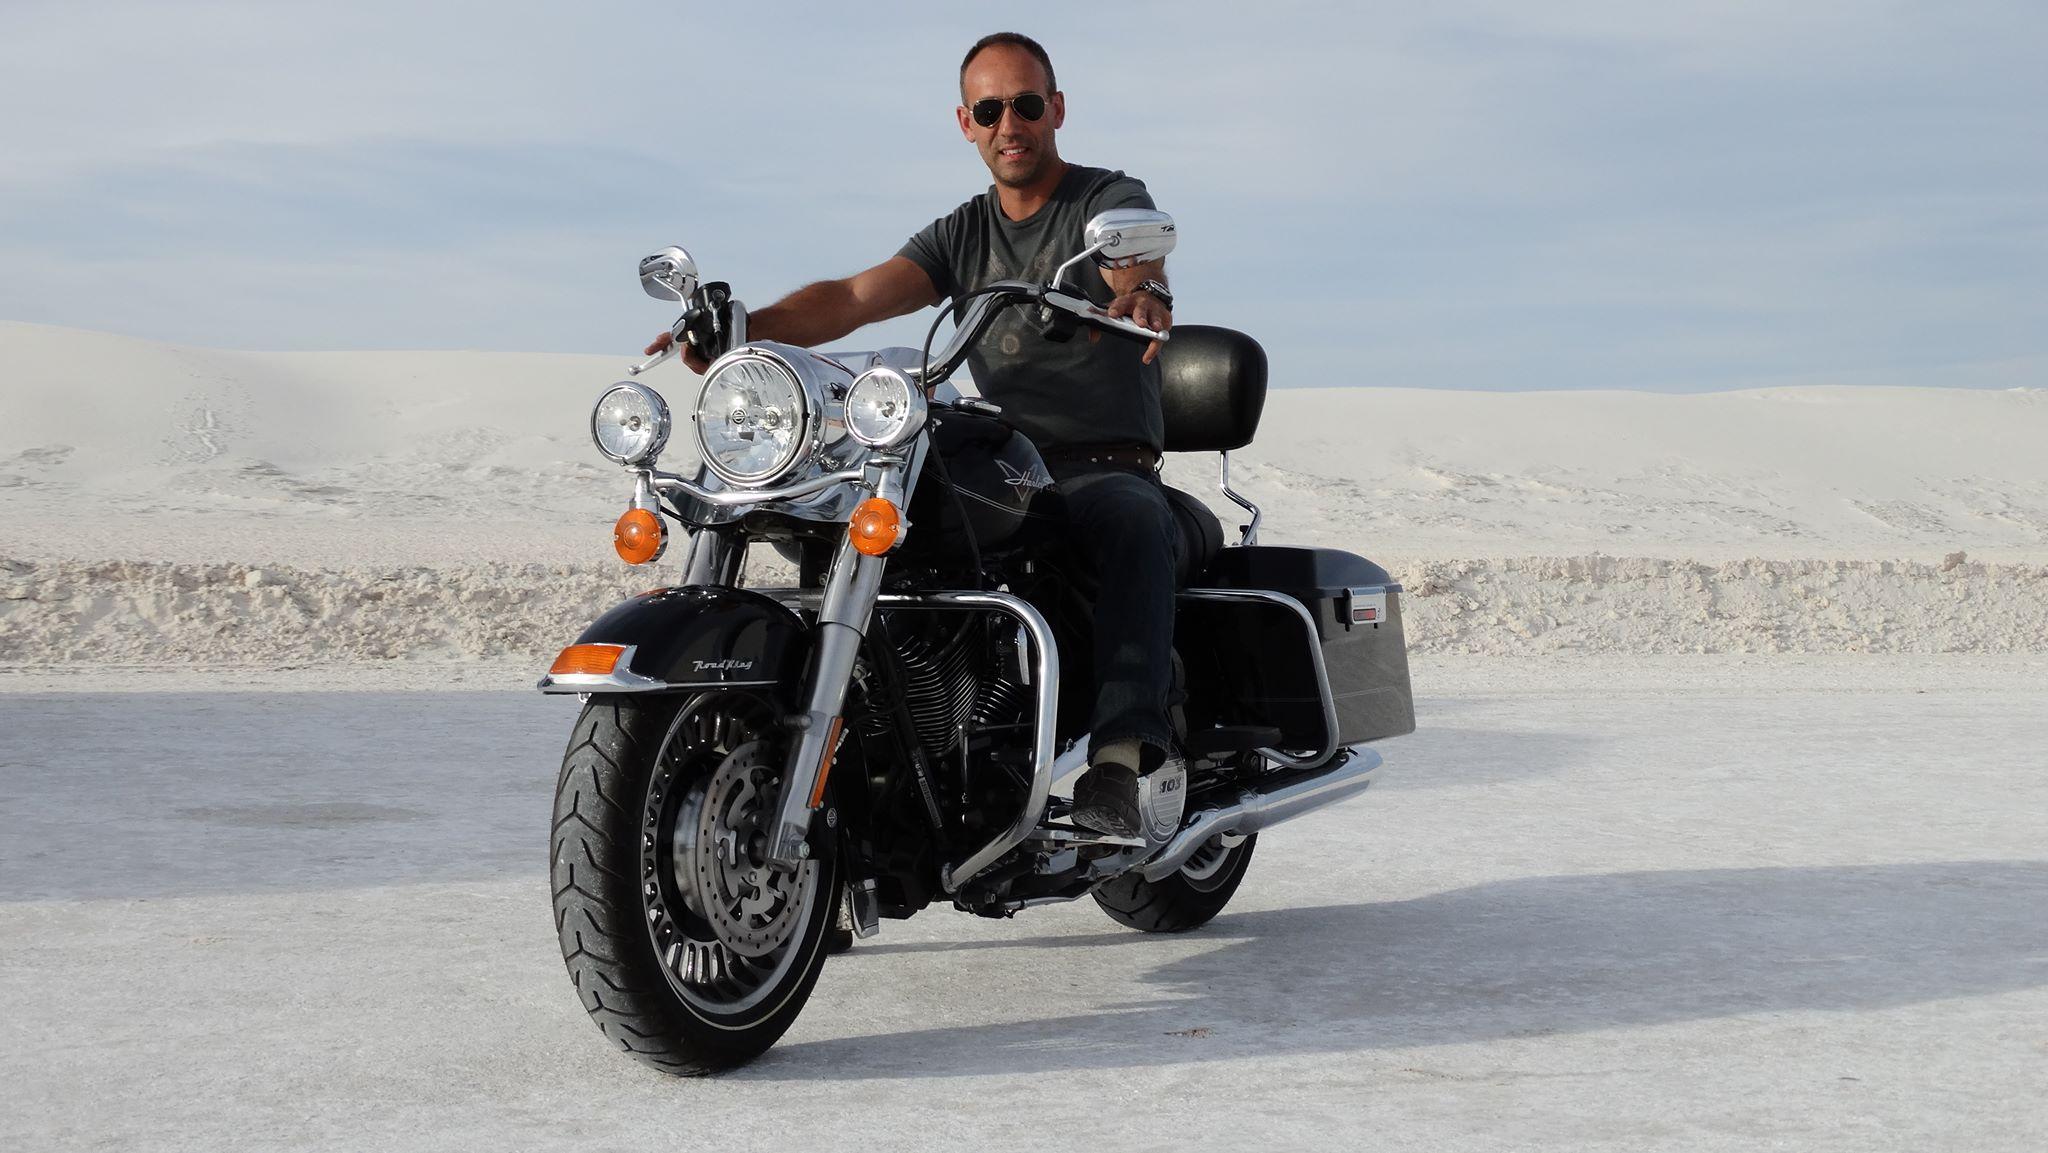 Abel, guide en moto, le sourire aux lèvres